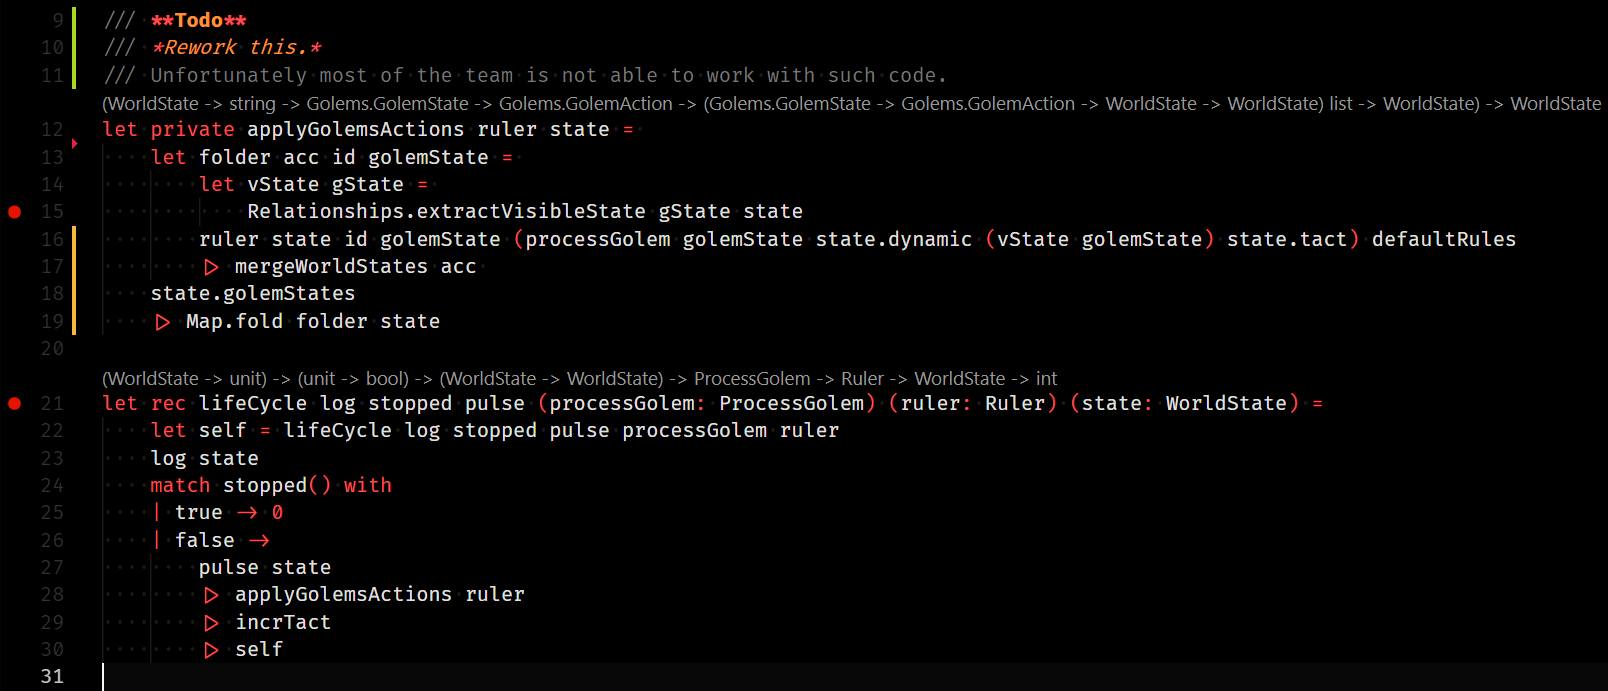 Безликий код убьет программирование, и ничего мы с этим не сделаем